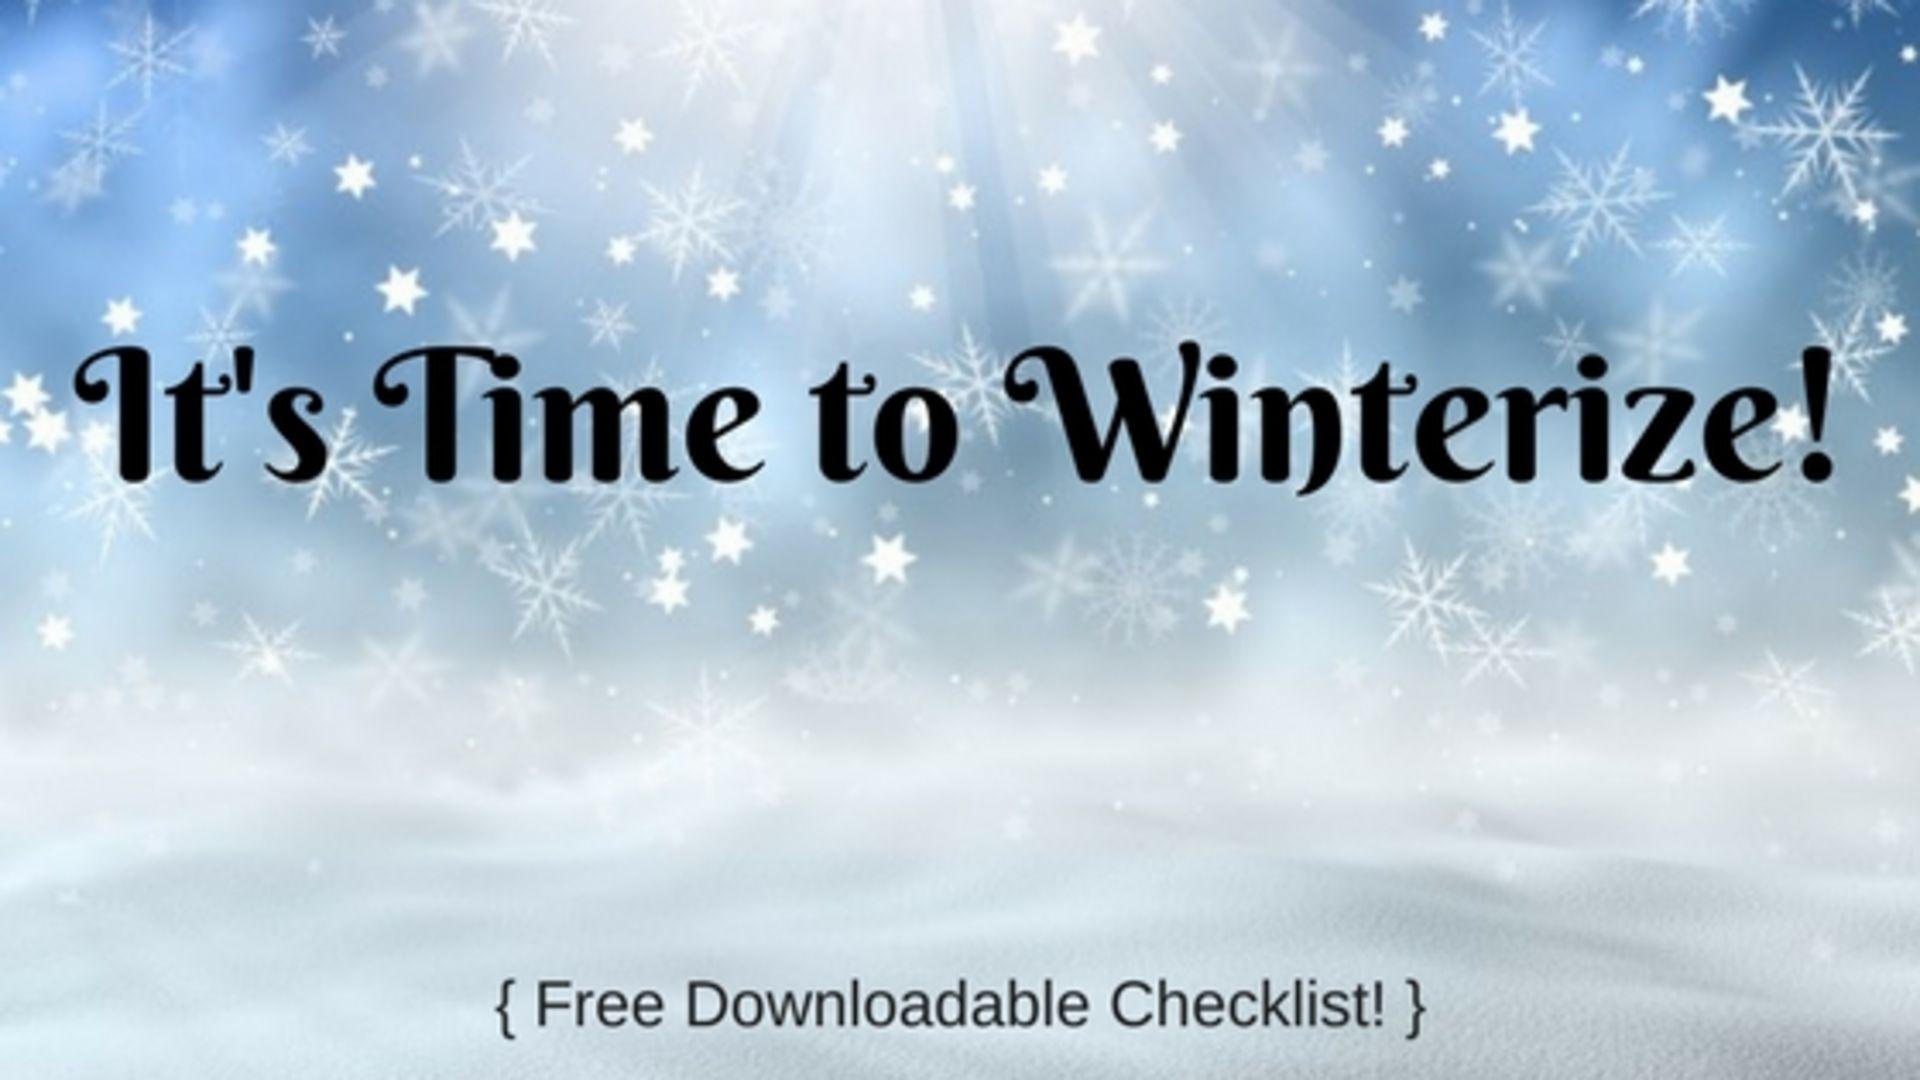 Winterize Your Home – Checklist